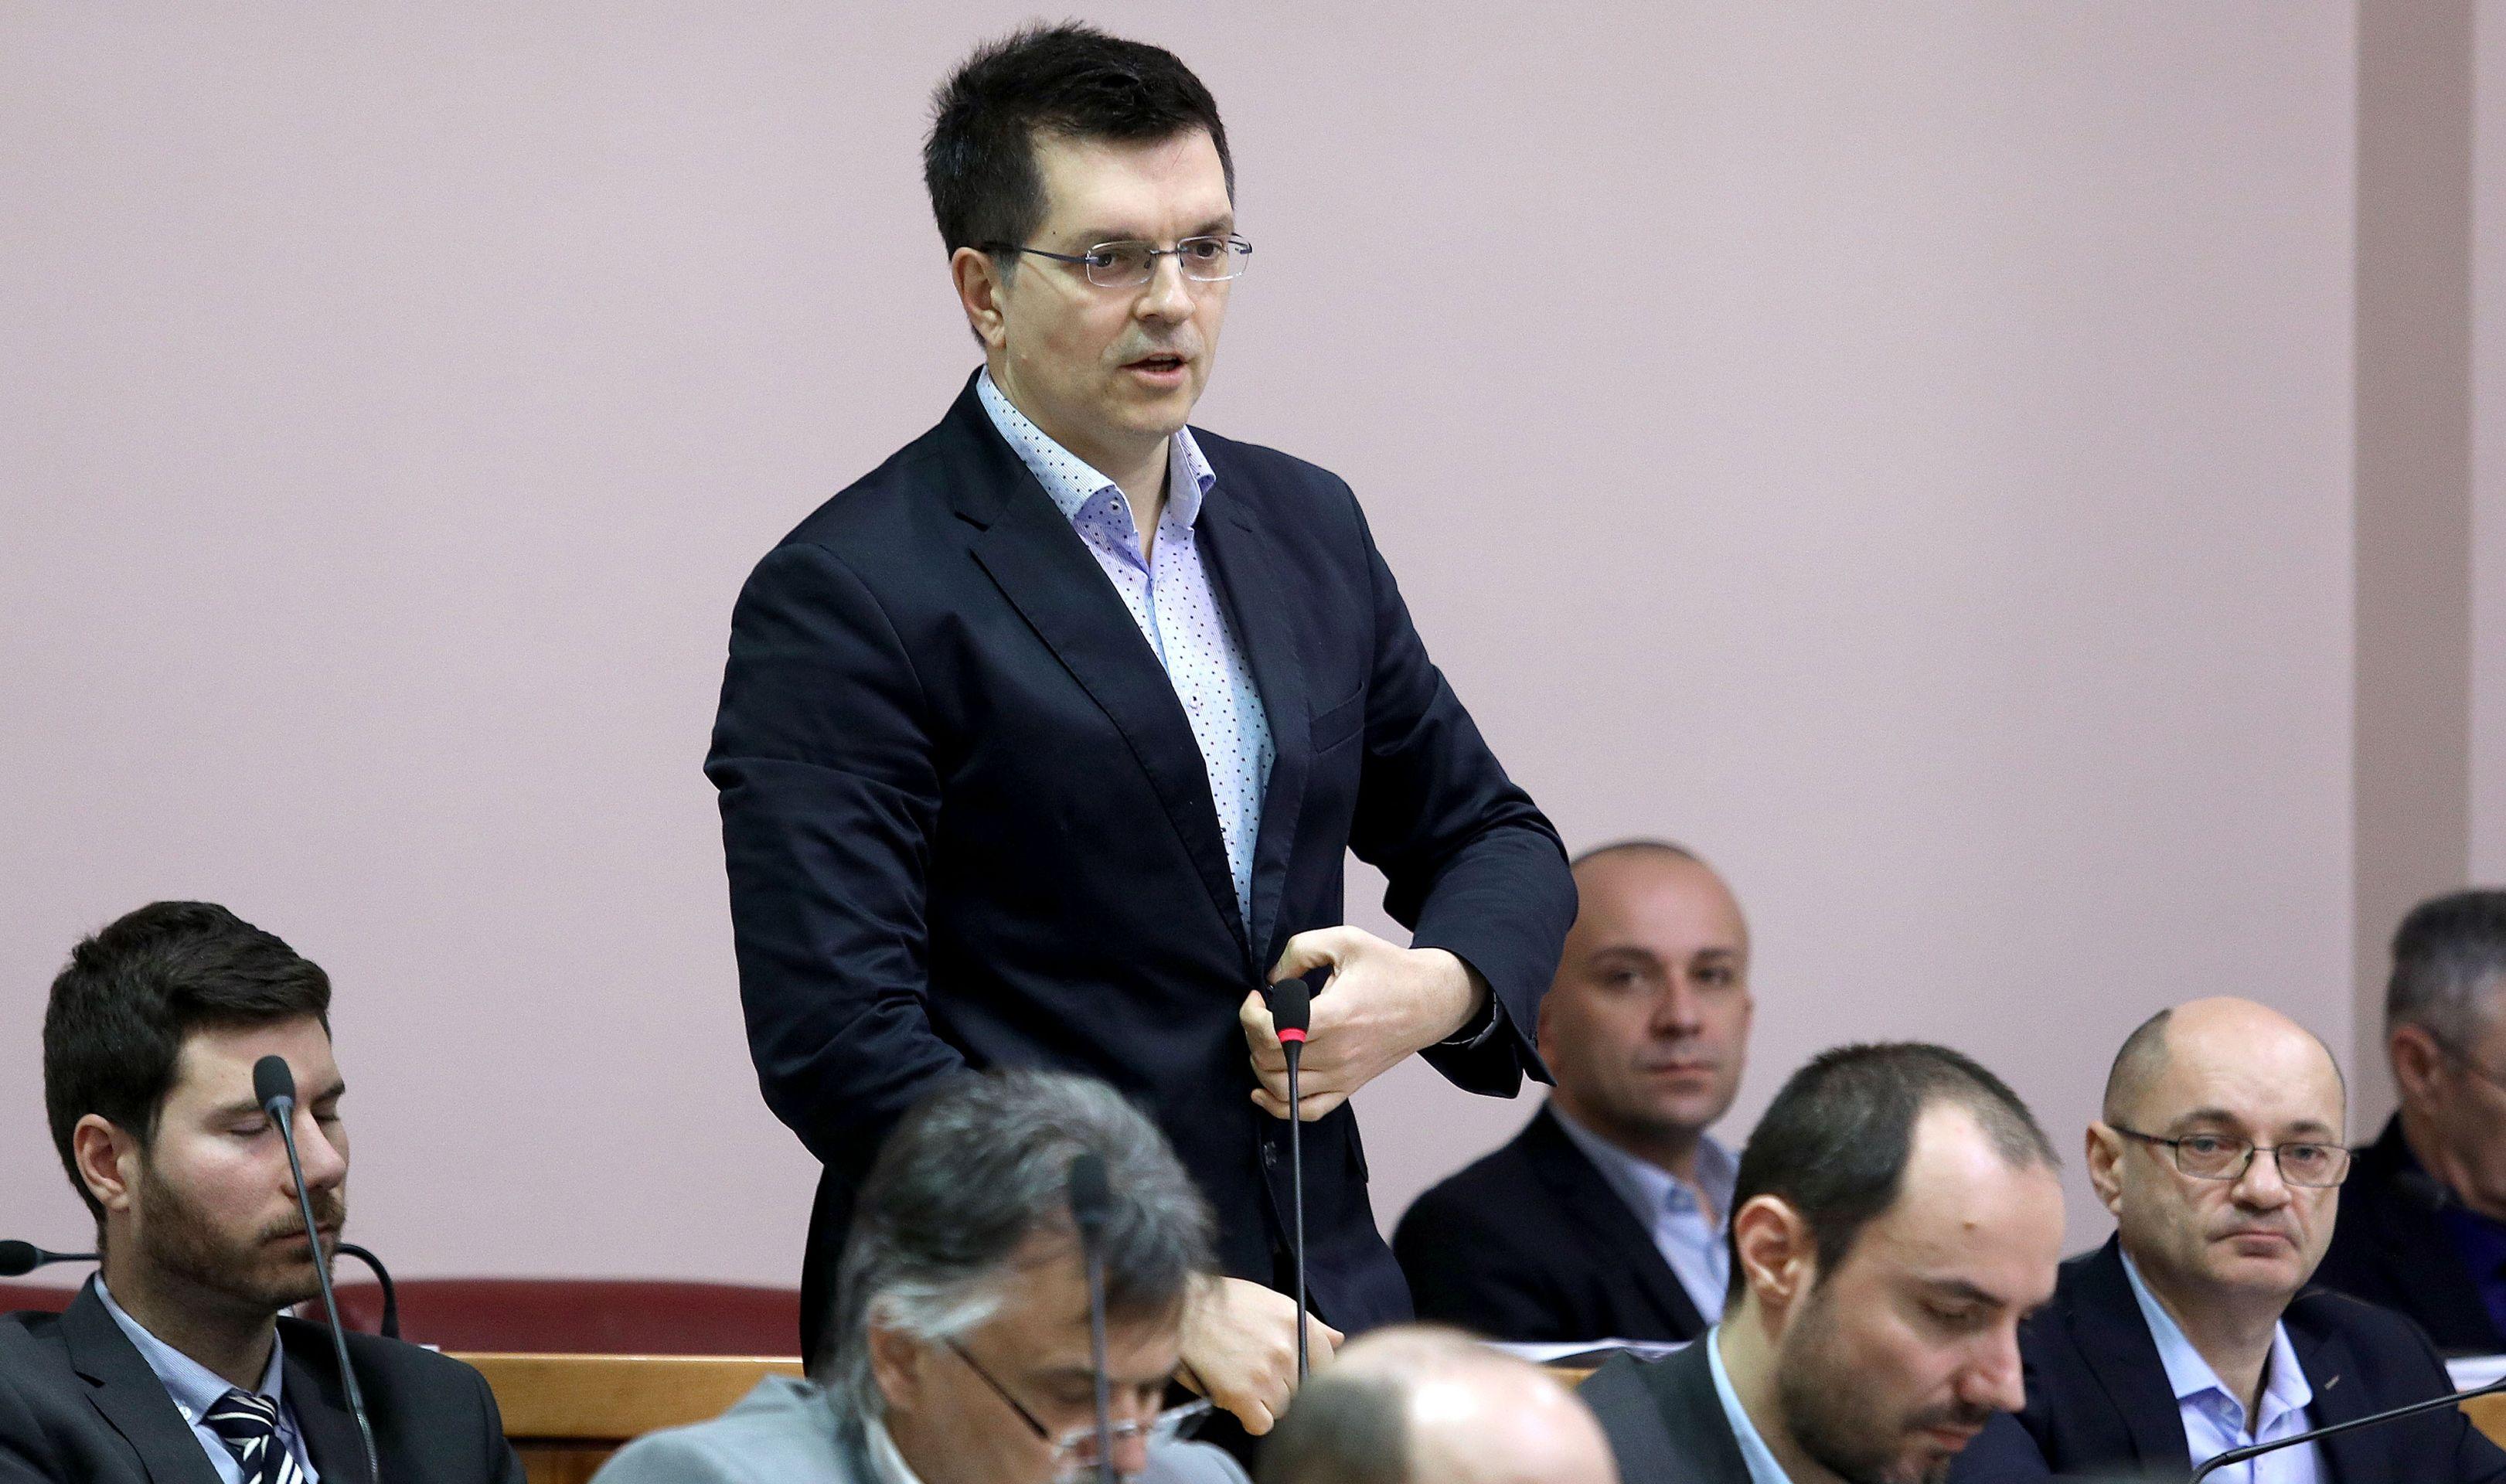 BUNJAC 'Korupcija u Hrvatskoj nije nastala slučajno, za nju su prije svega zaslužni HDZ i Tuđman'